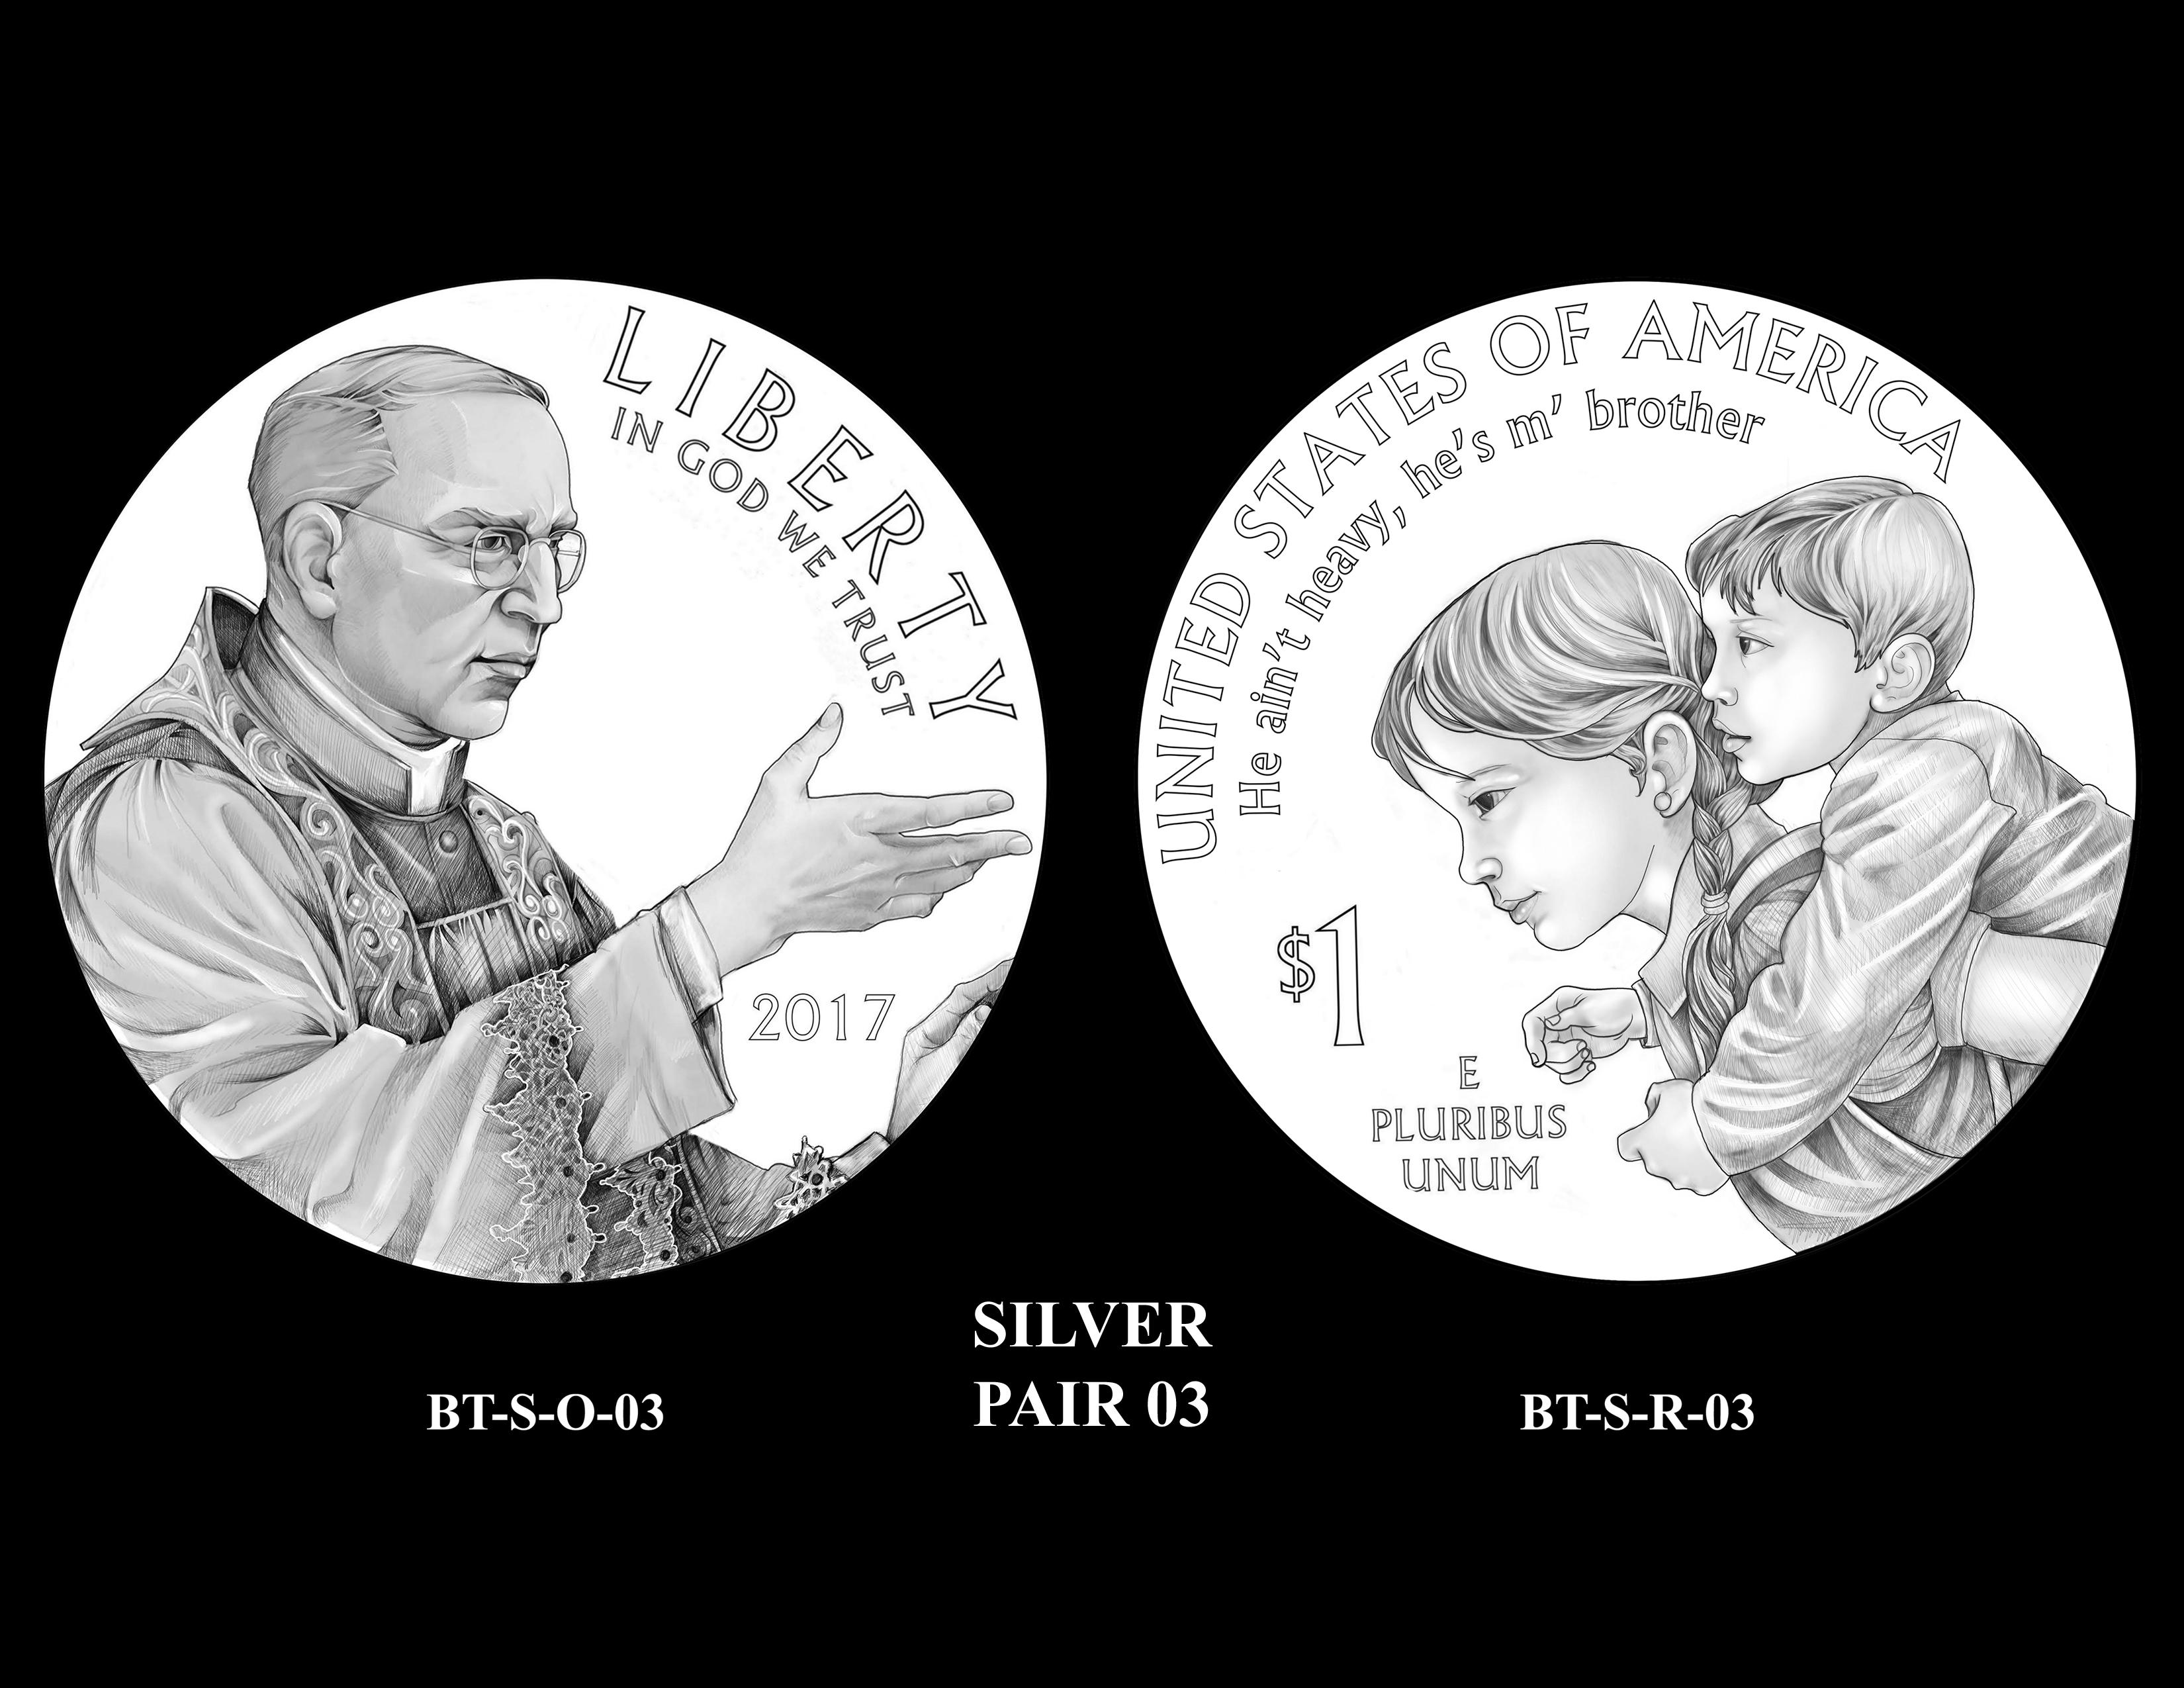 silver-pair-03_25402660440_o